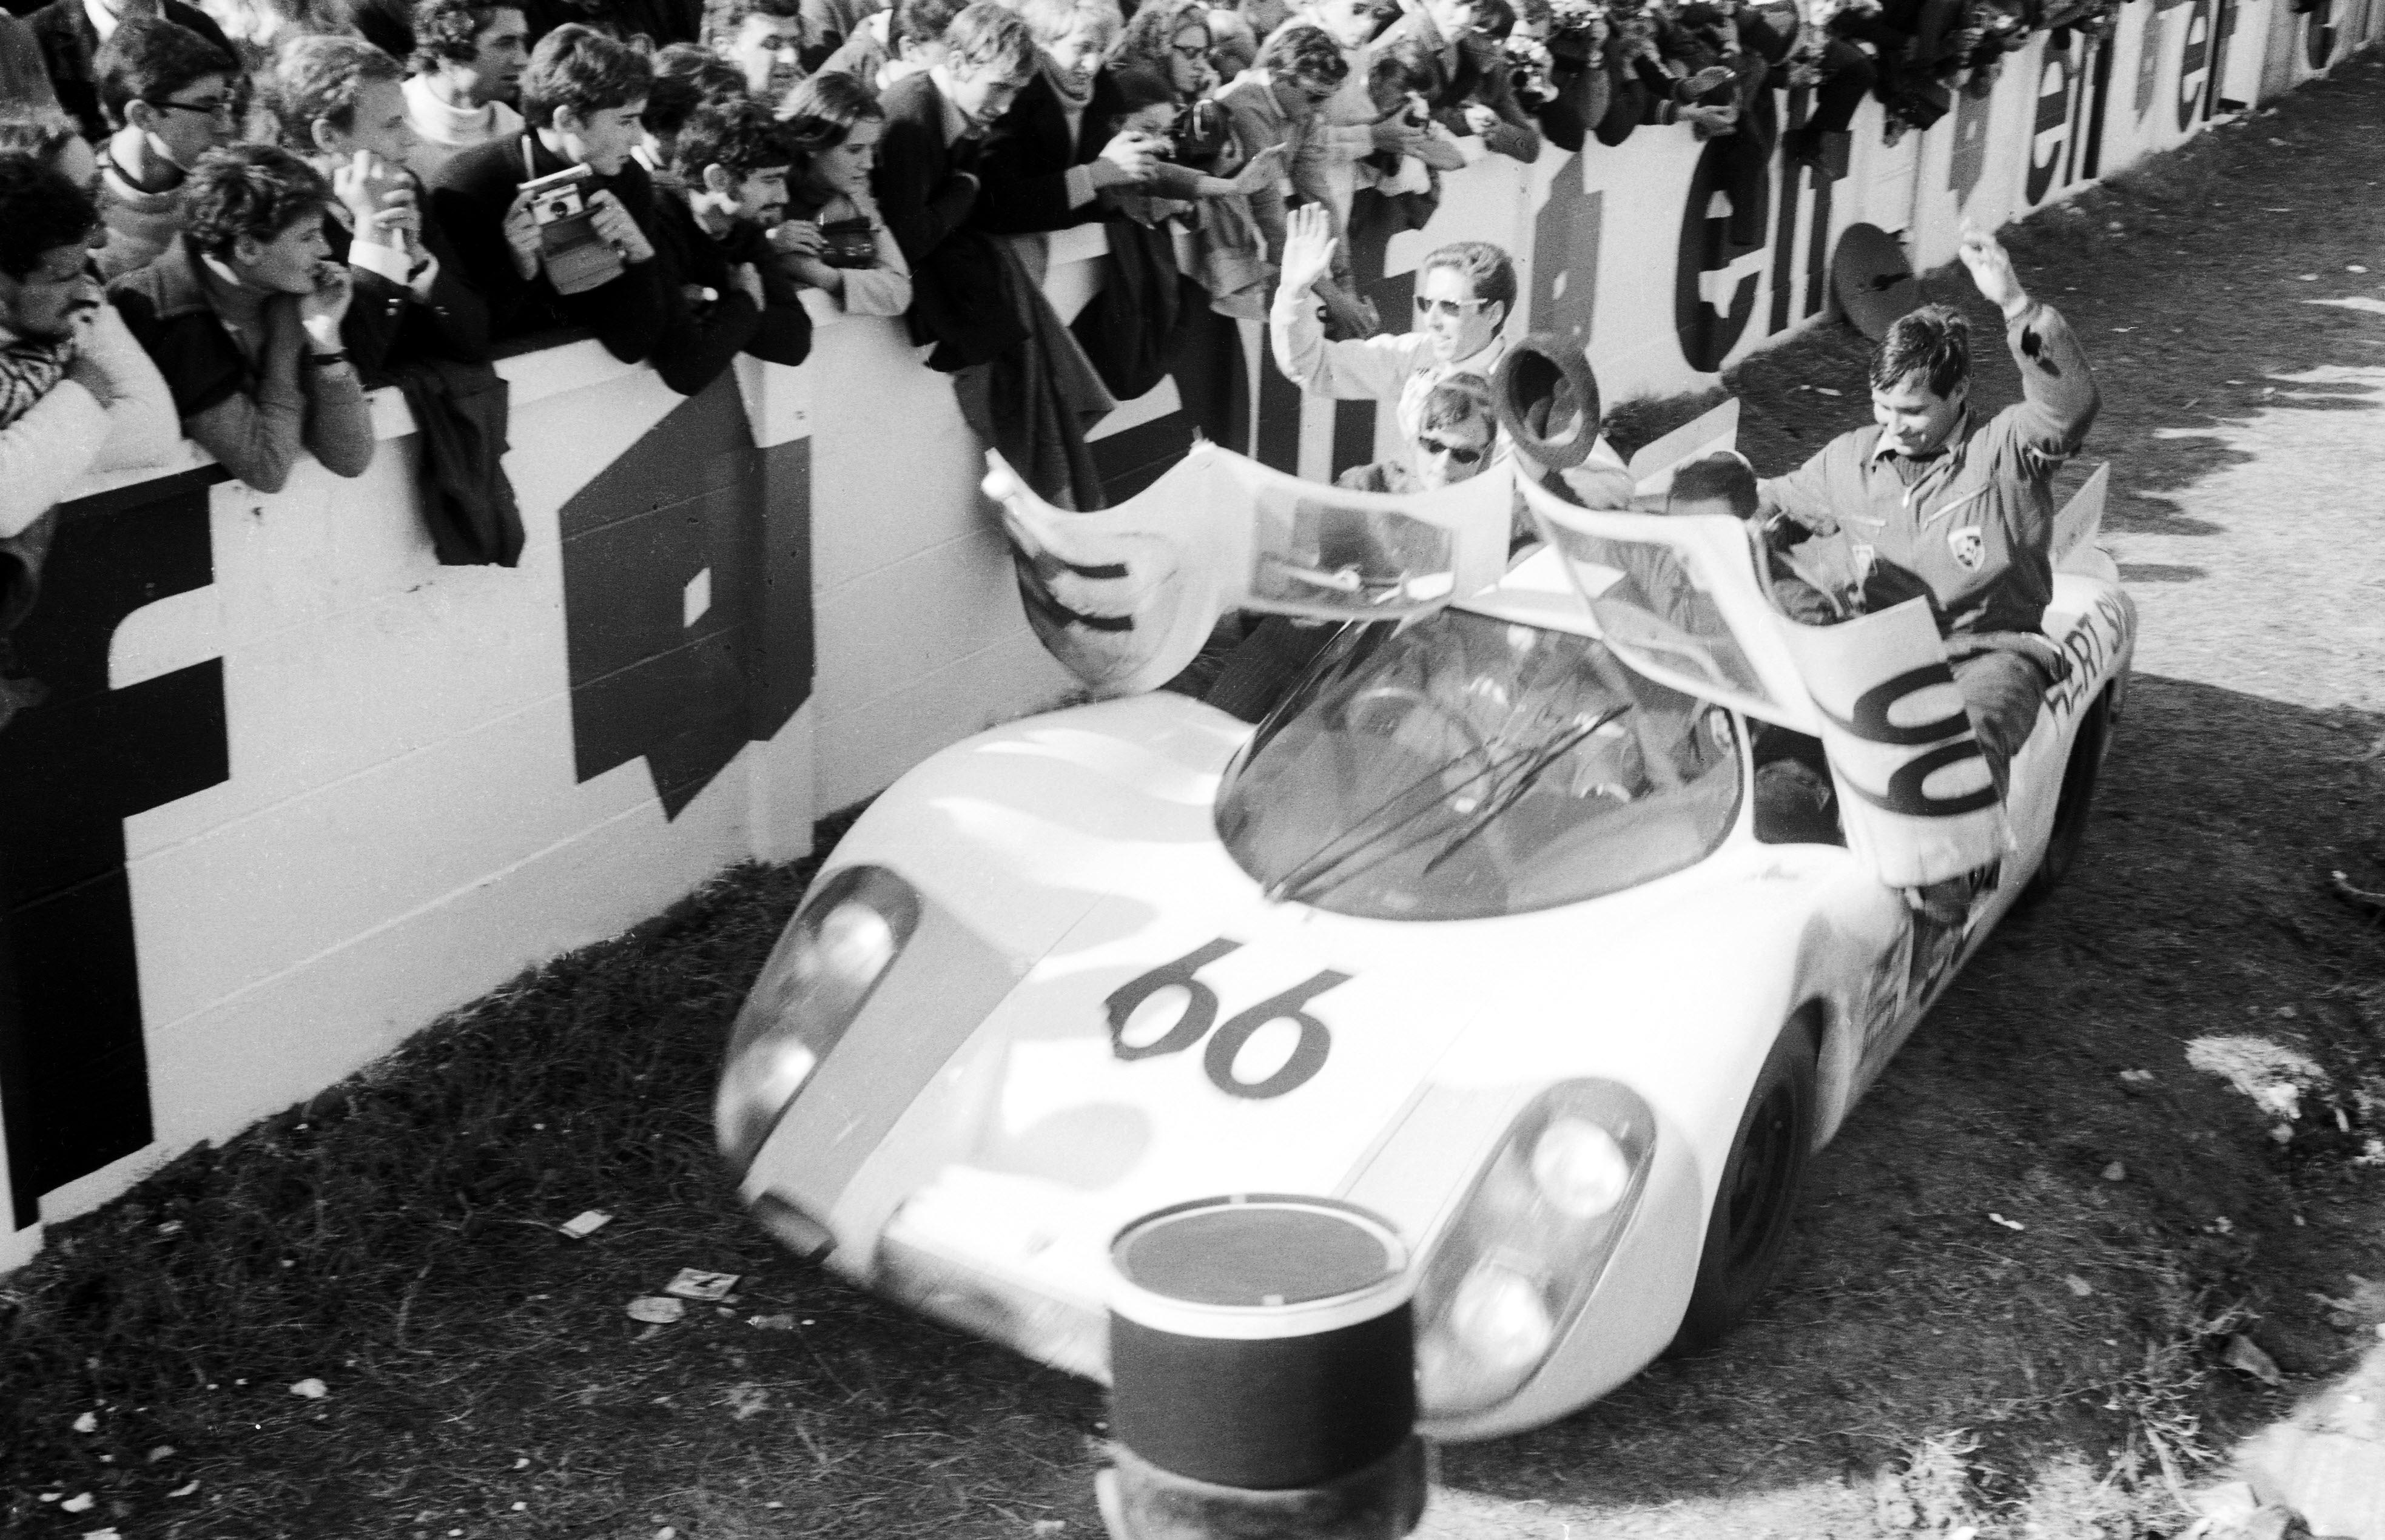 Rennen Le Mans 1968; 66: Dieter Spoerry und Rico Steinemann auf Porsche Typ 907 (2. Platz im Gesamtklassement)